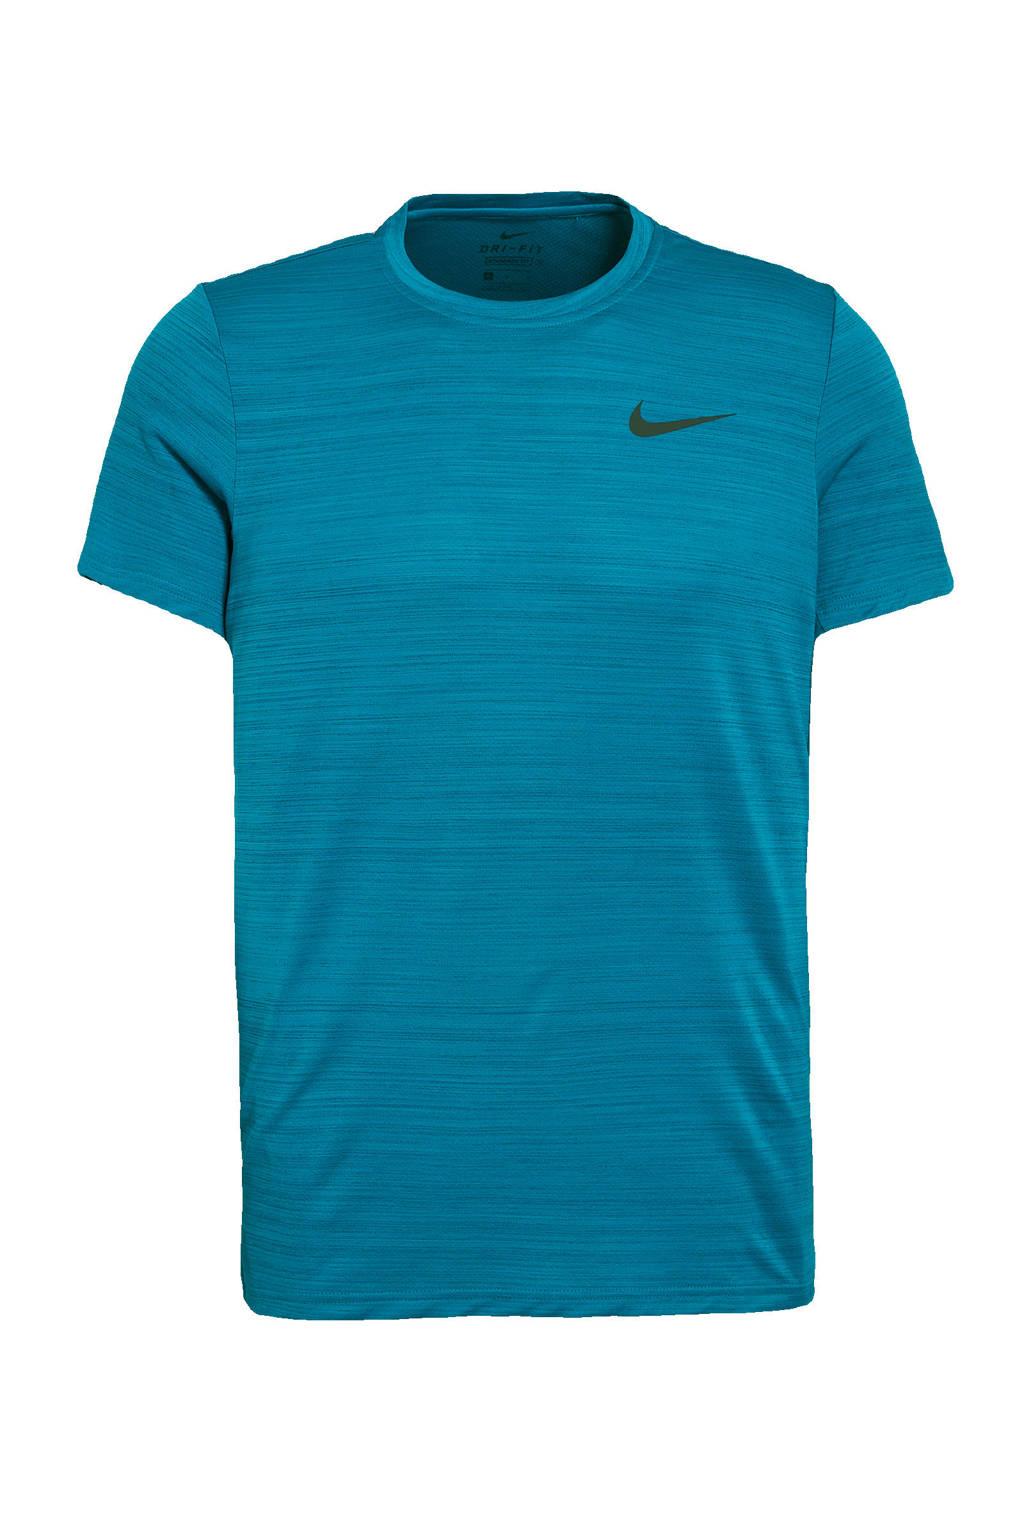 Nike   sport T-shirt petrol, Petrol